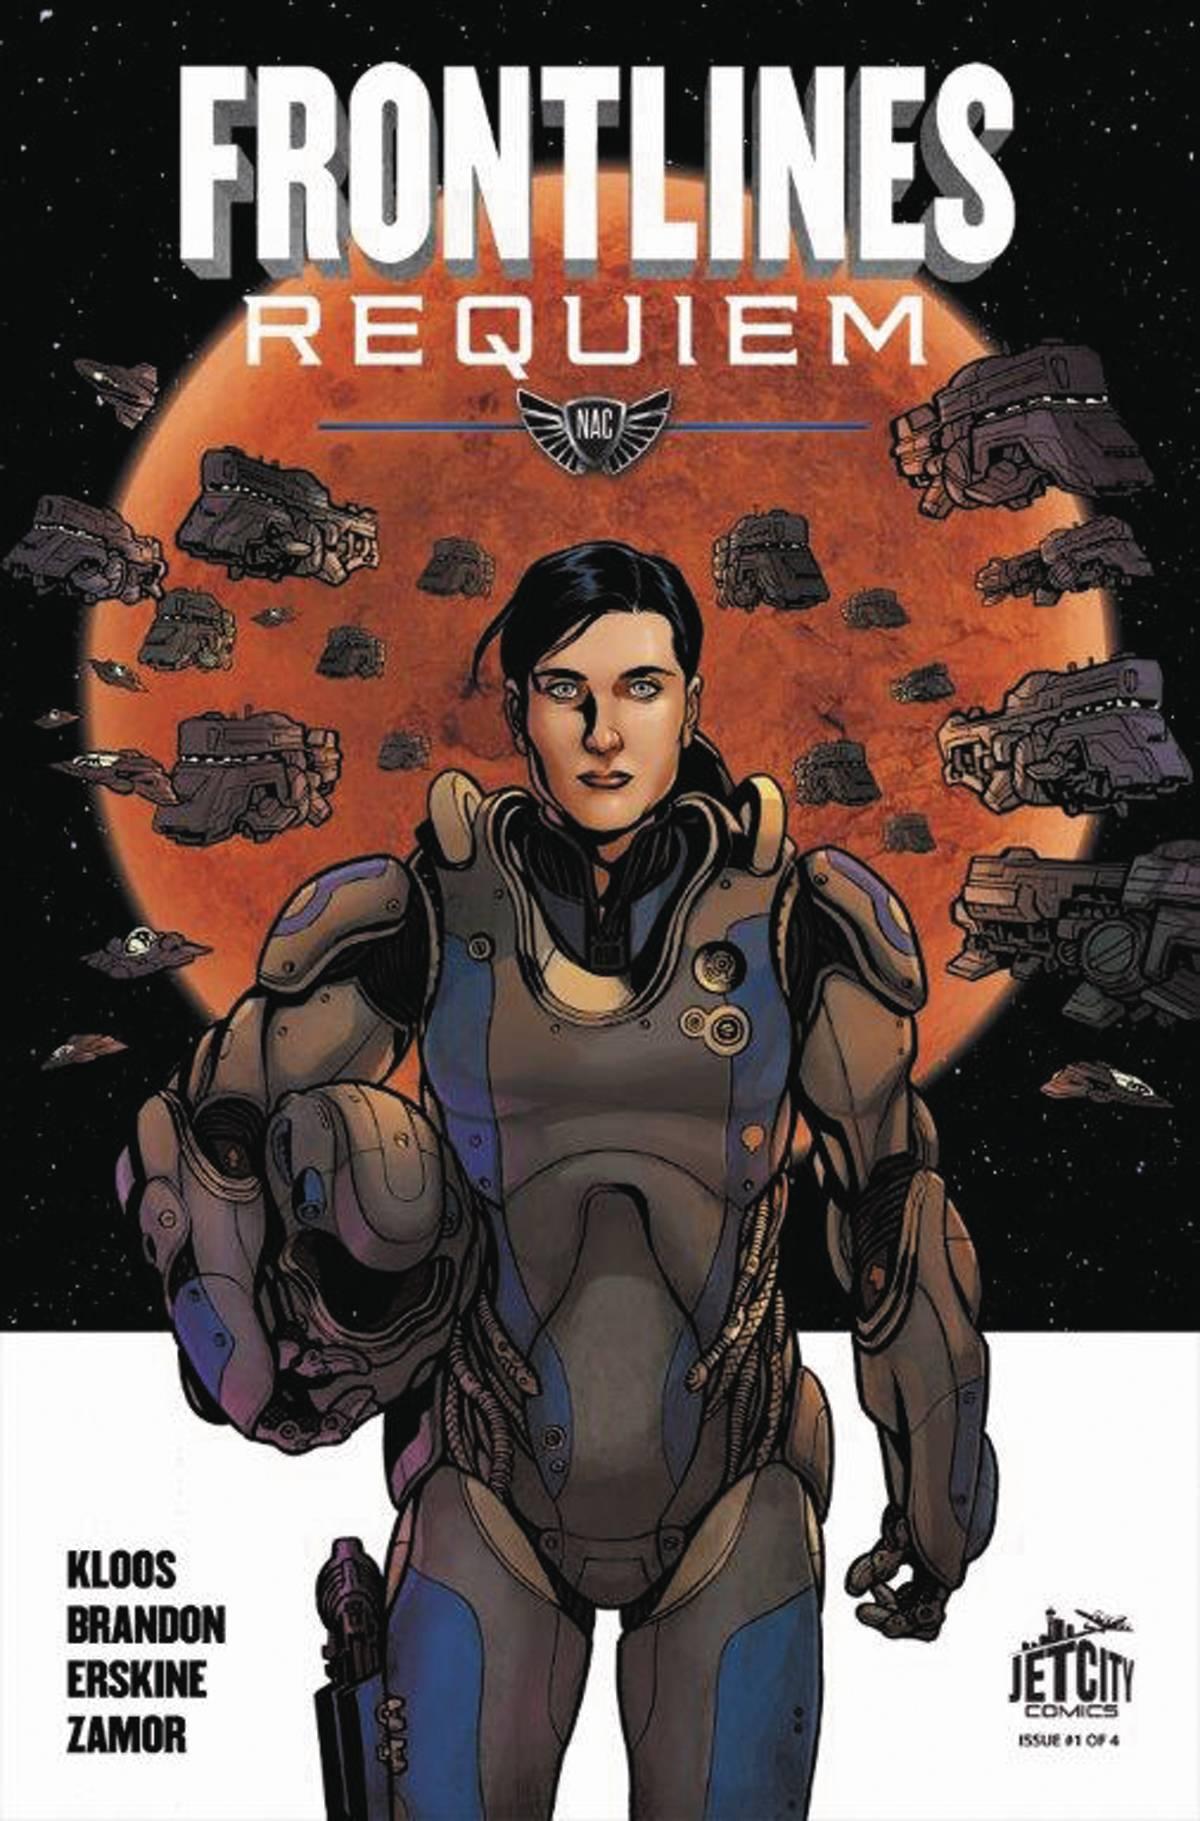 Frontlines: Requiem - Collected